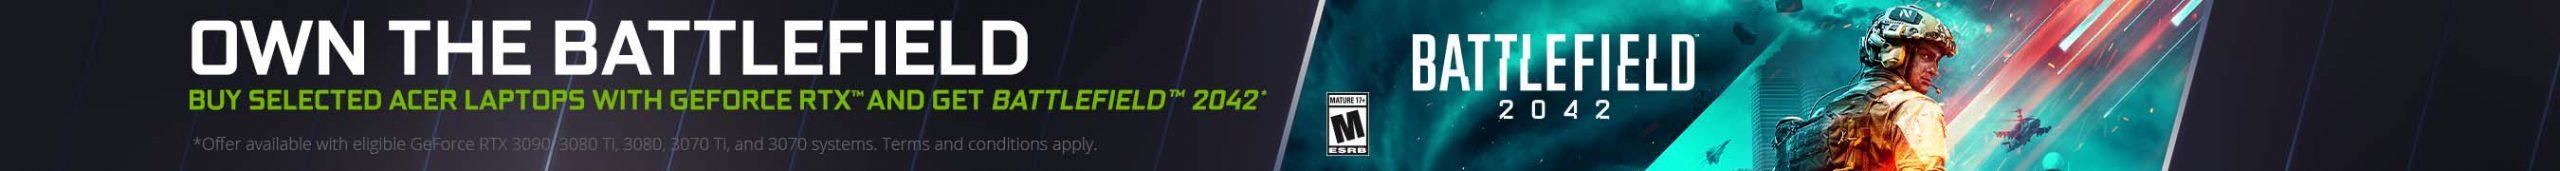 Battlefield 2042 redemption offer